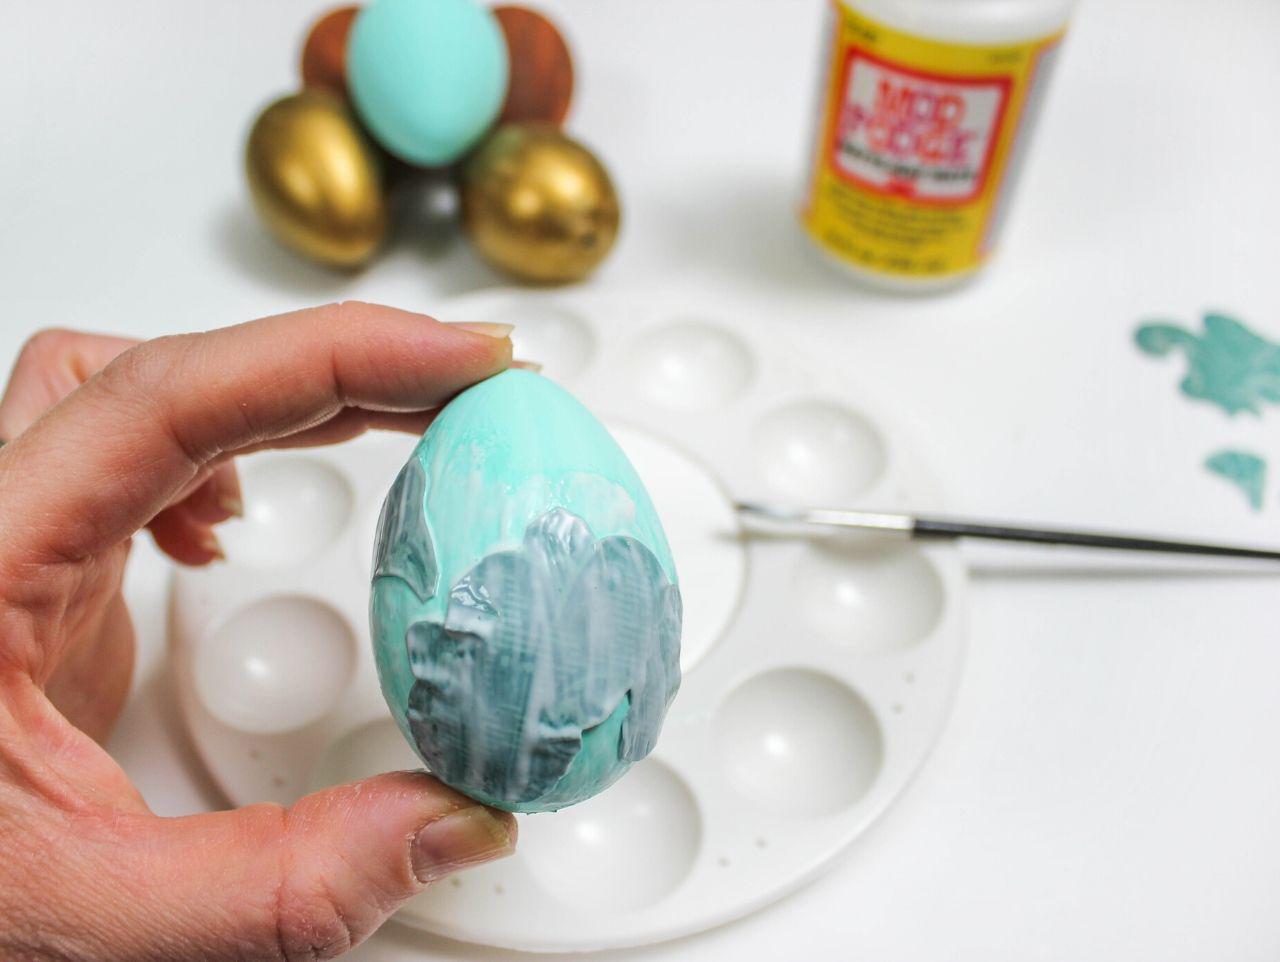 Easter eggs, Easter egg craft, craft eggs, Woodland Easter eggs, nature inspired Easter eggs, nature inspired Easter decor, mod podge eggs, scrapbook paper eggs, twine wrapped eggs, eggs, Easter eggs, decor eggs, craft eggs, DIY eggs, Just Add Confetti